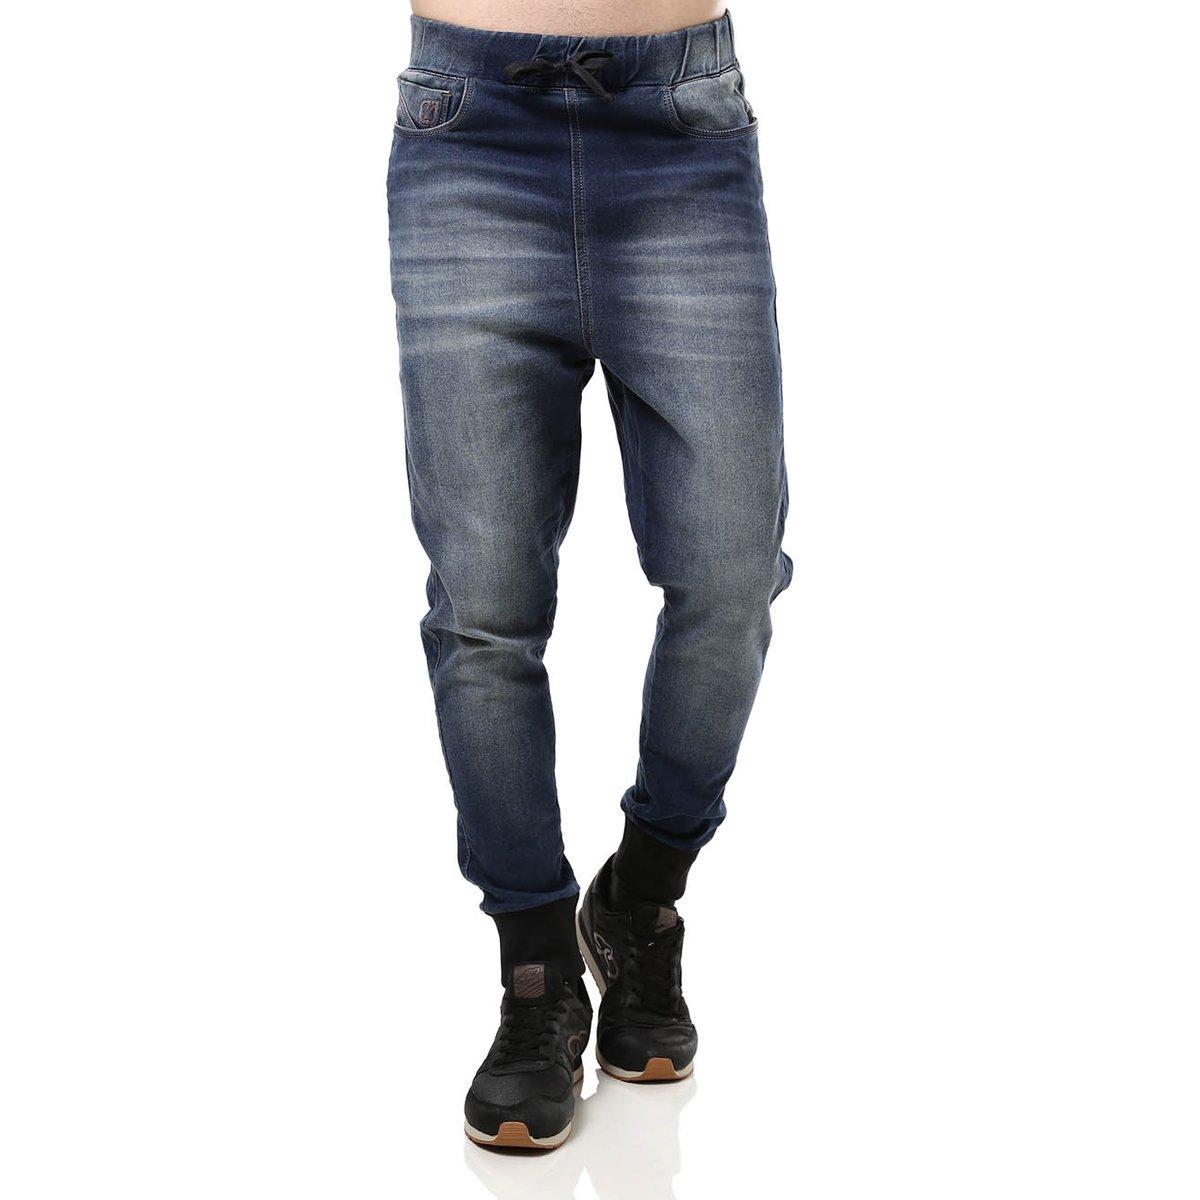 Calça Jeans Moletom Masculina Jogger Azul - Compre Agora  0f80620bc0cce